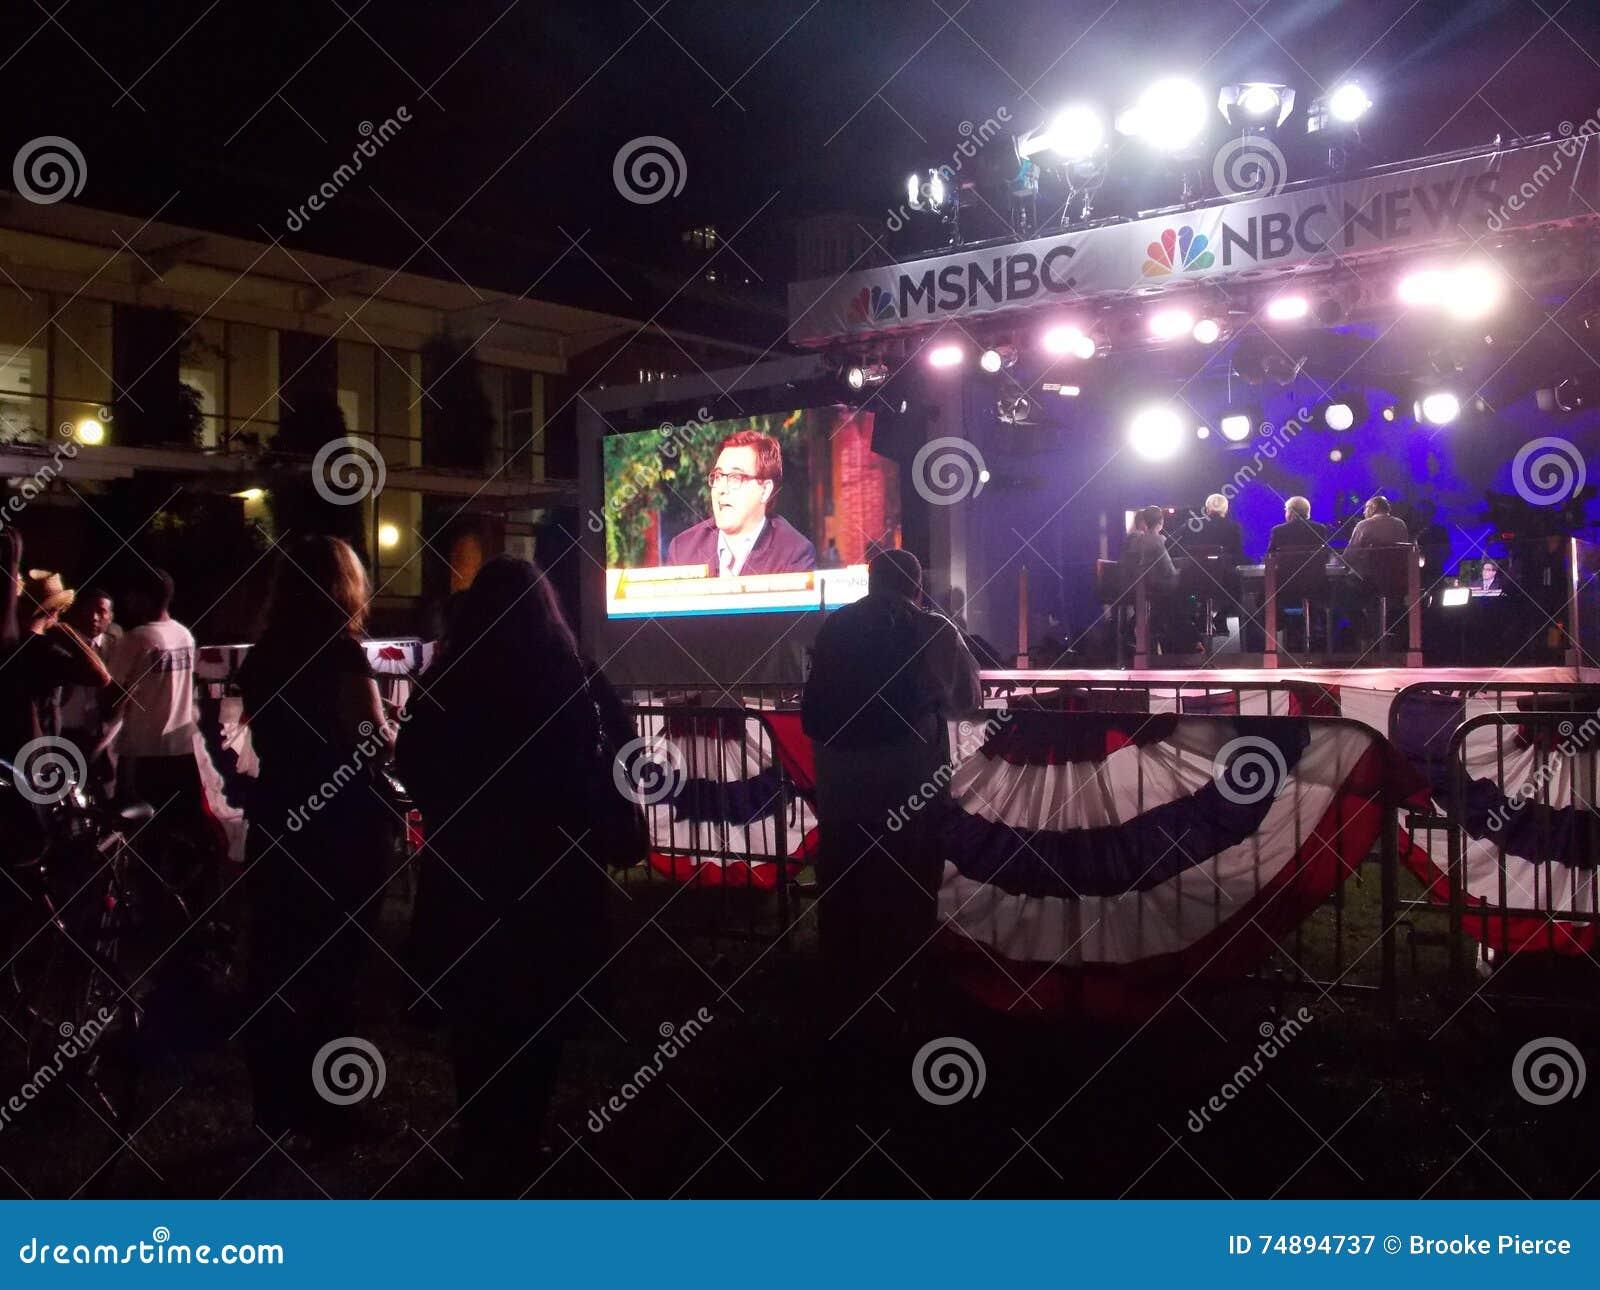 Ζωντανή μαγνητοσκόπηση ρολογιών θεατών στο υπαίθριο στούντιο TV MSNBC